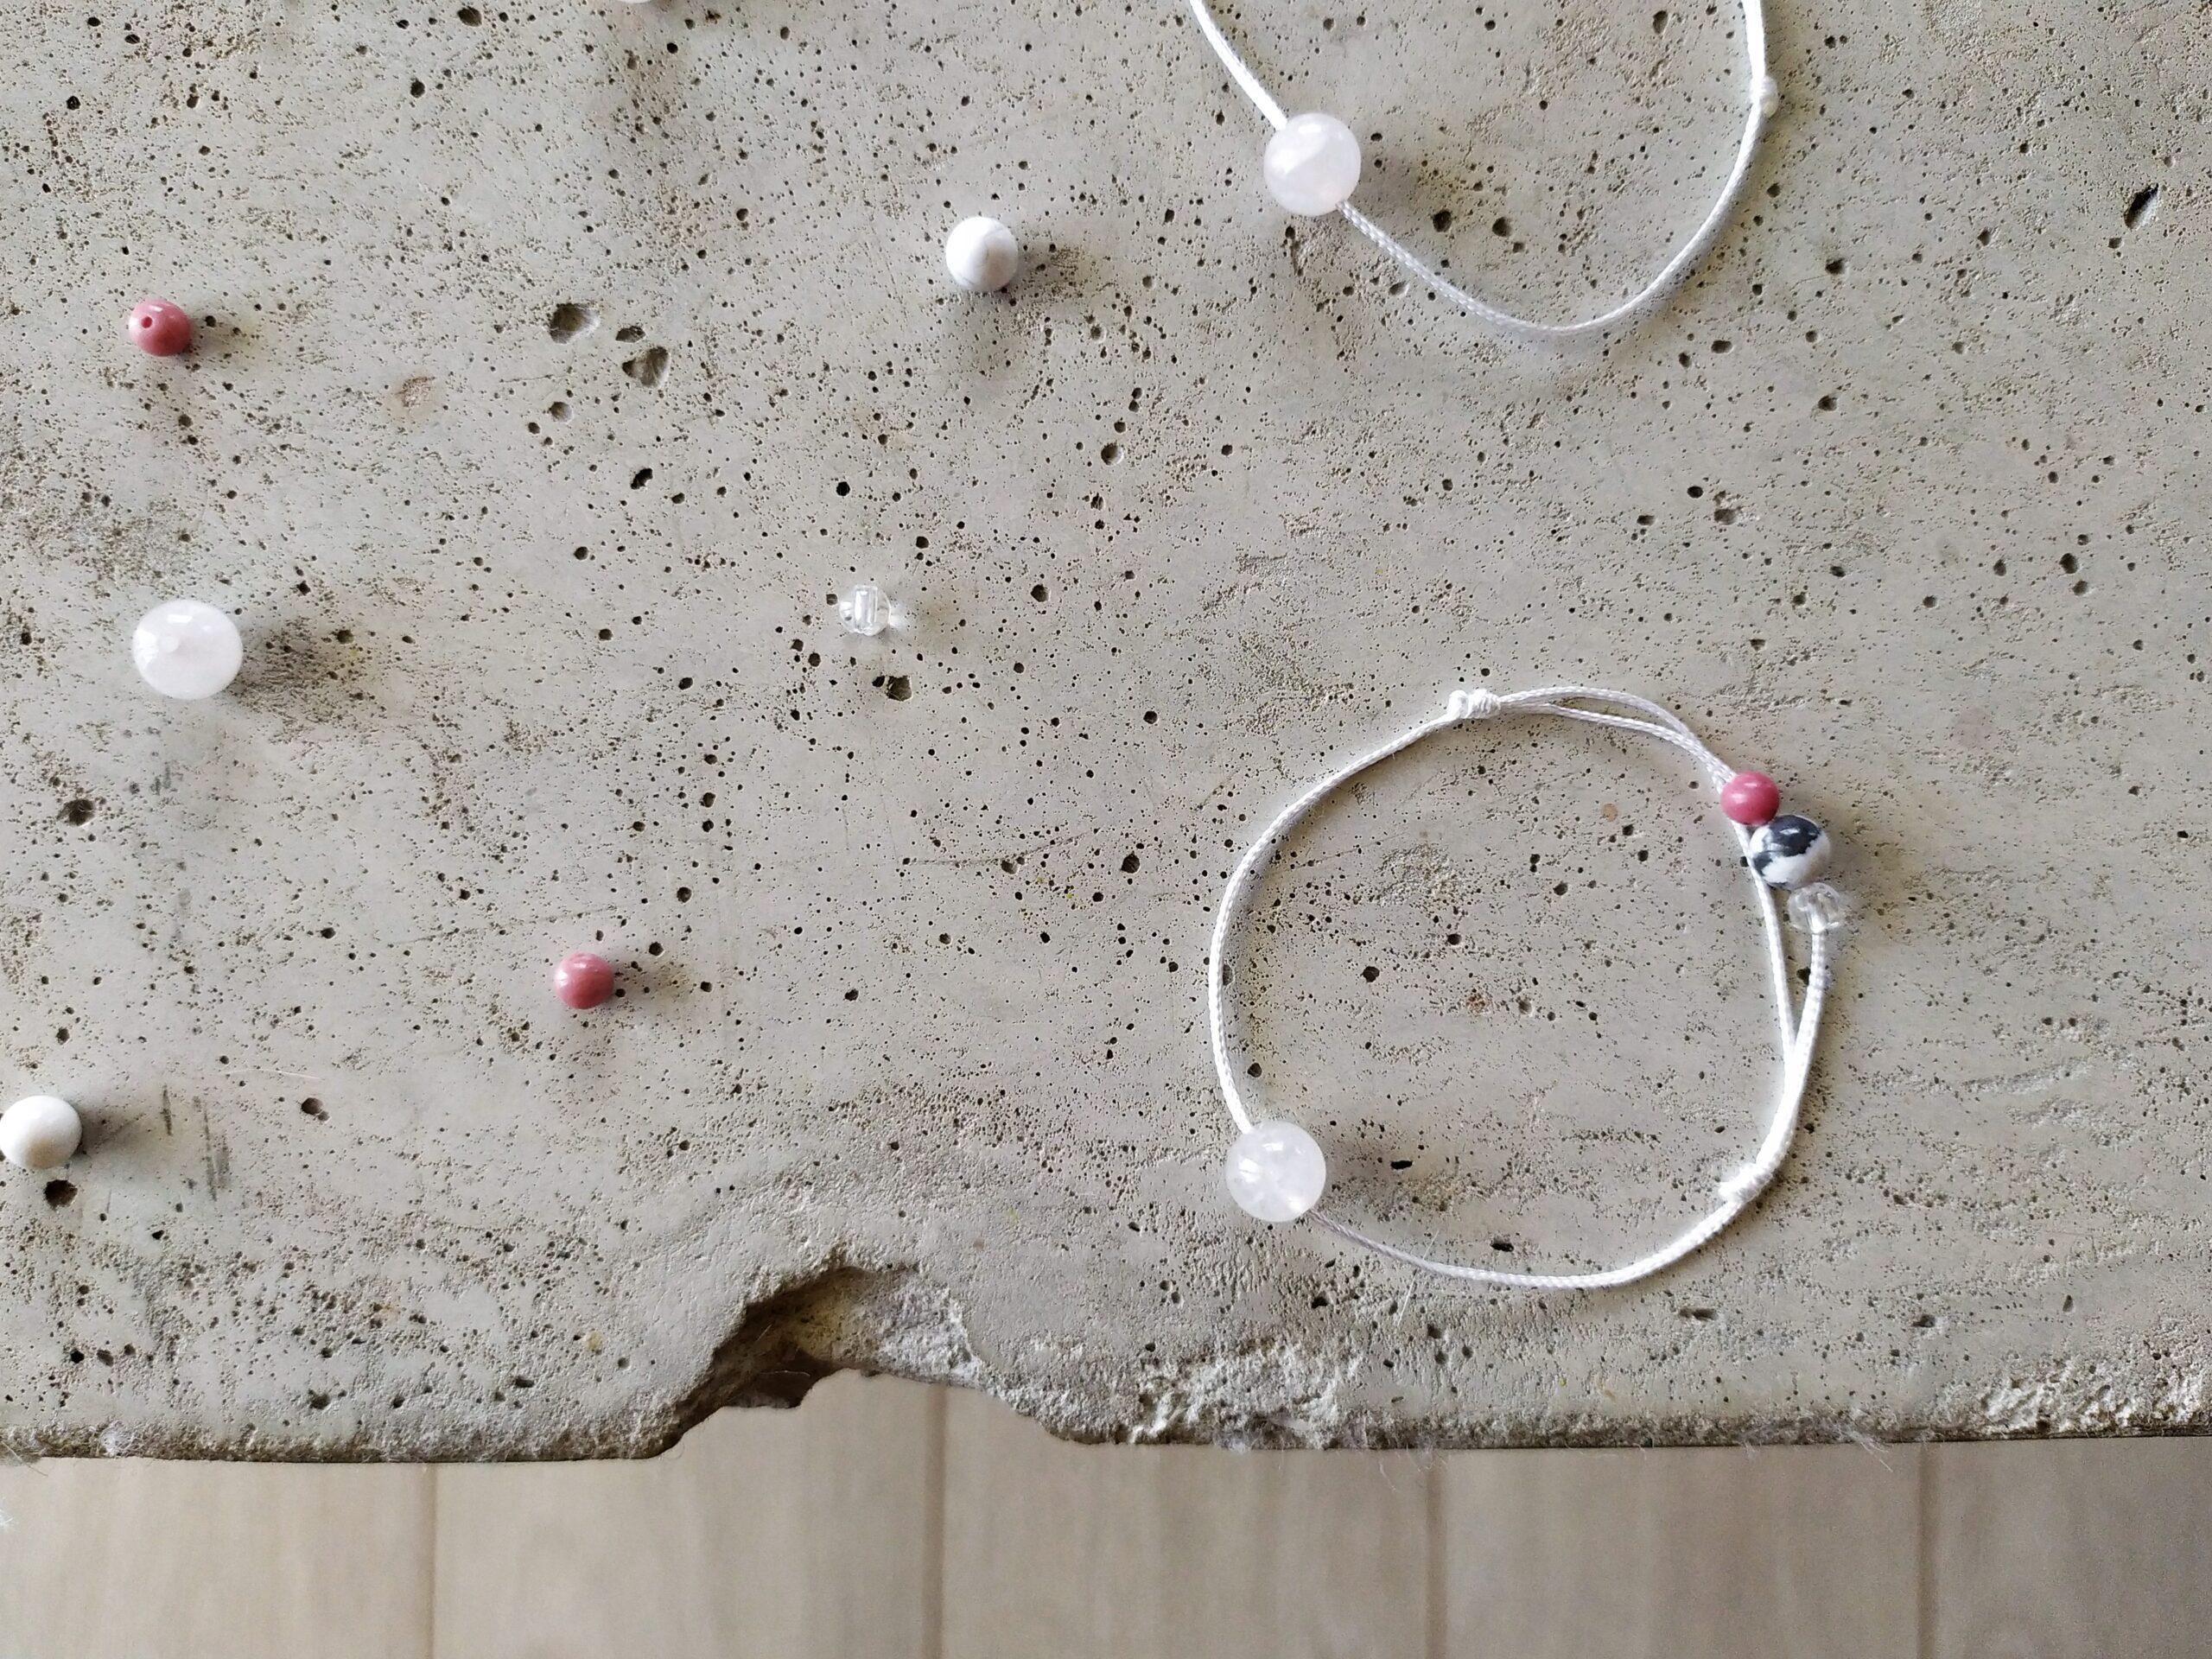 Náramek #ZENYSPOLU ve spolupráci s Uniki na betonové podkladu a s korálky jako dekorací